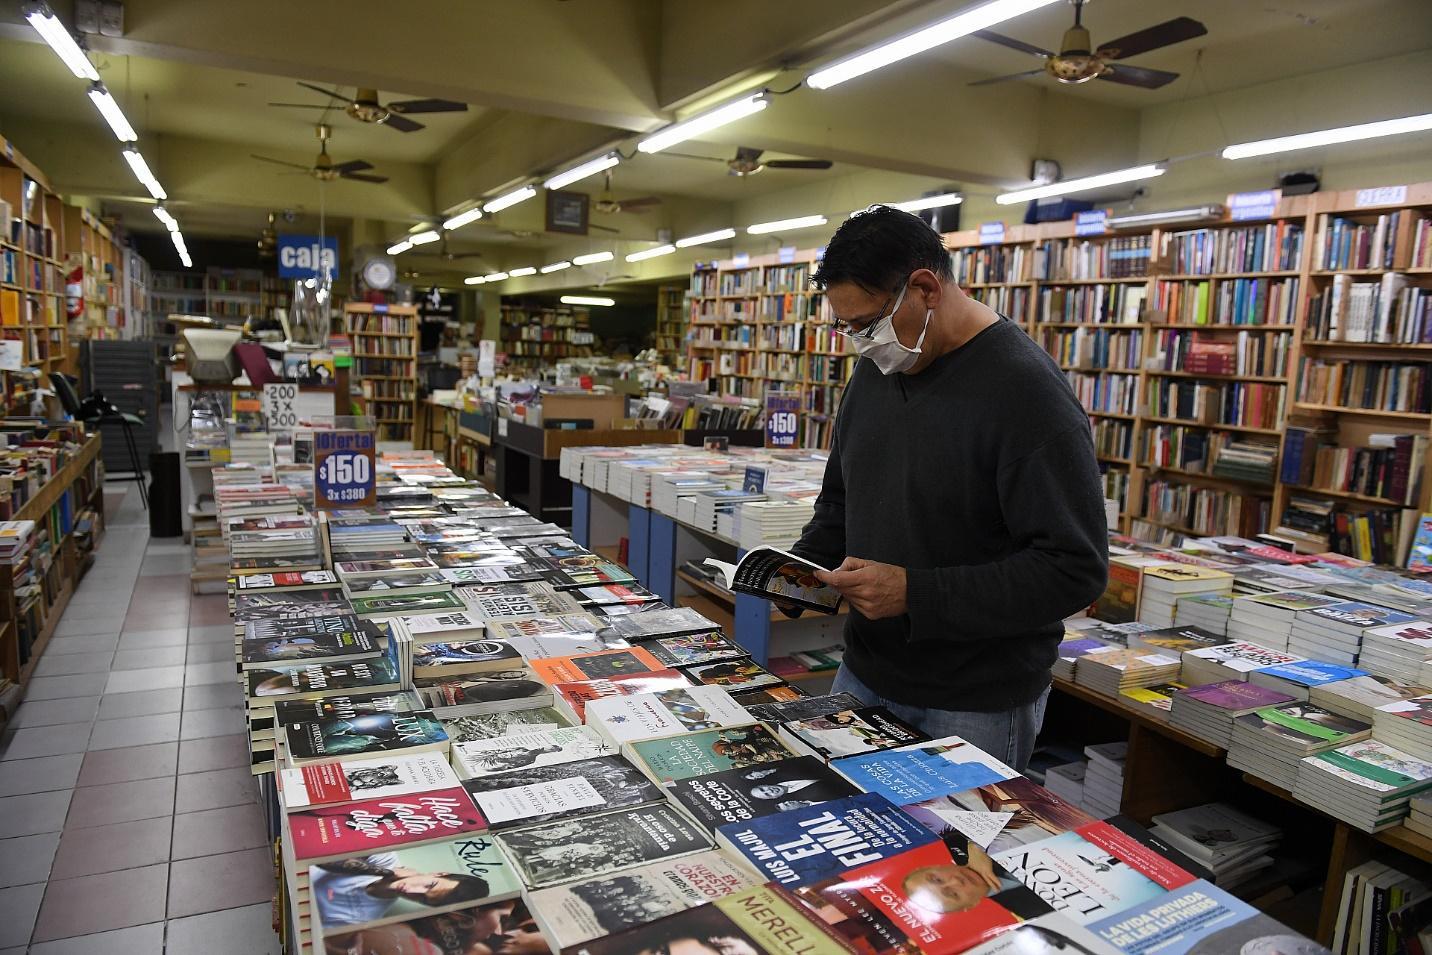 La nueva normalidad. Un hombre con barbijo pasa las hojas de un libro en una librería que reabrió sus puertas a partir de esta mañana